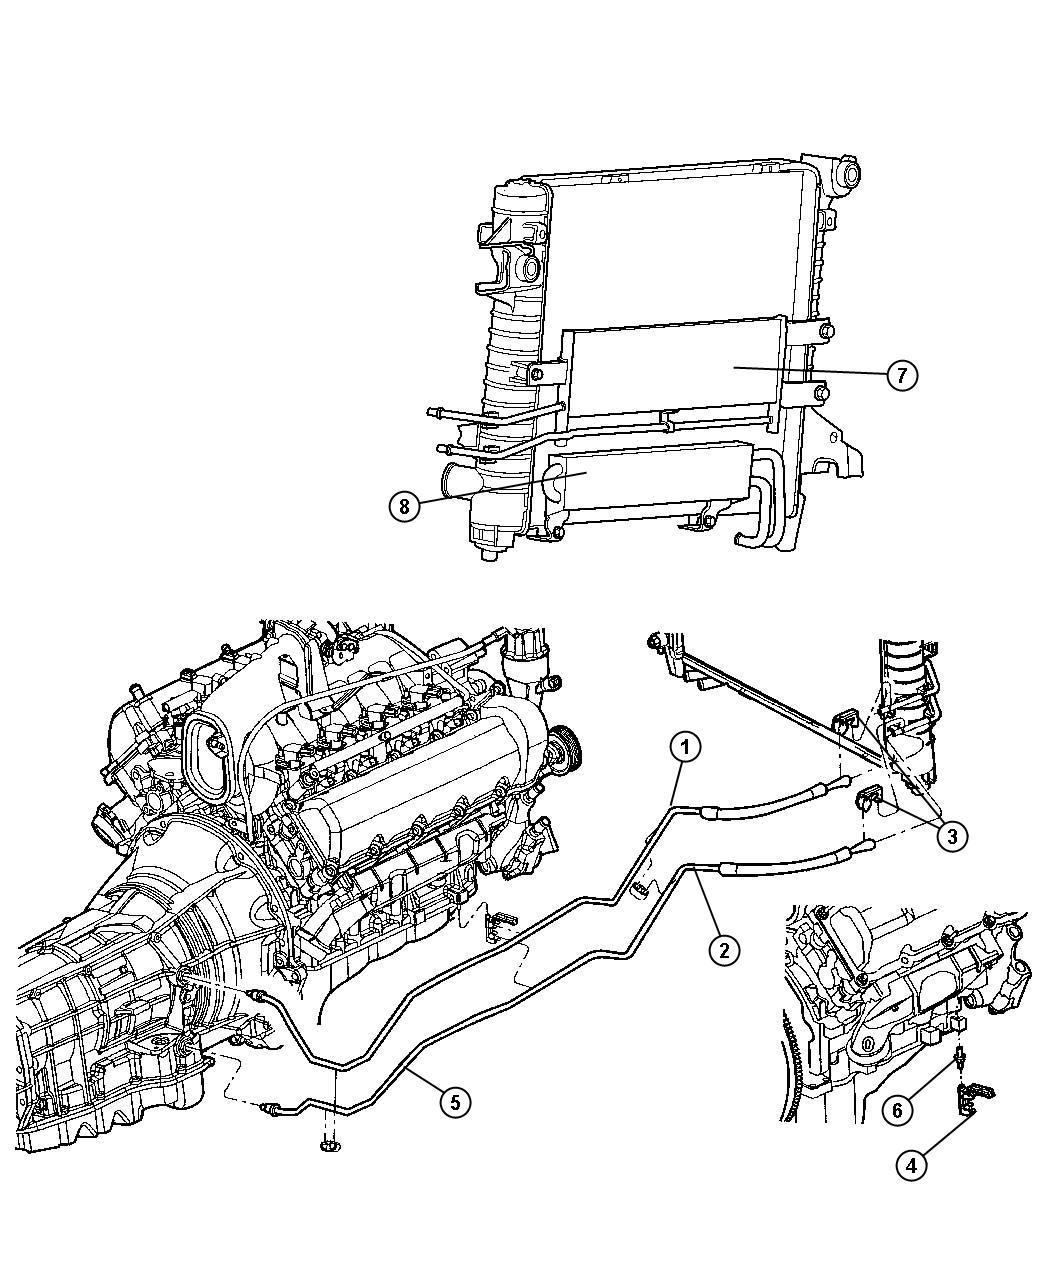 Dodge Ram 4x2 5 7l Hemi Multi Displacement 5 Spd